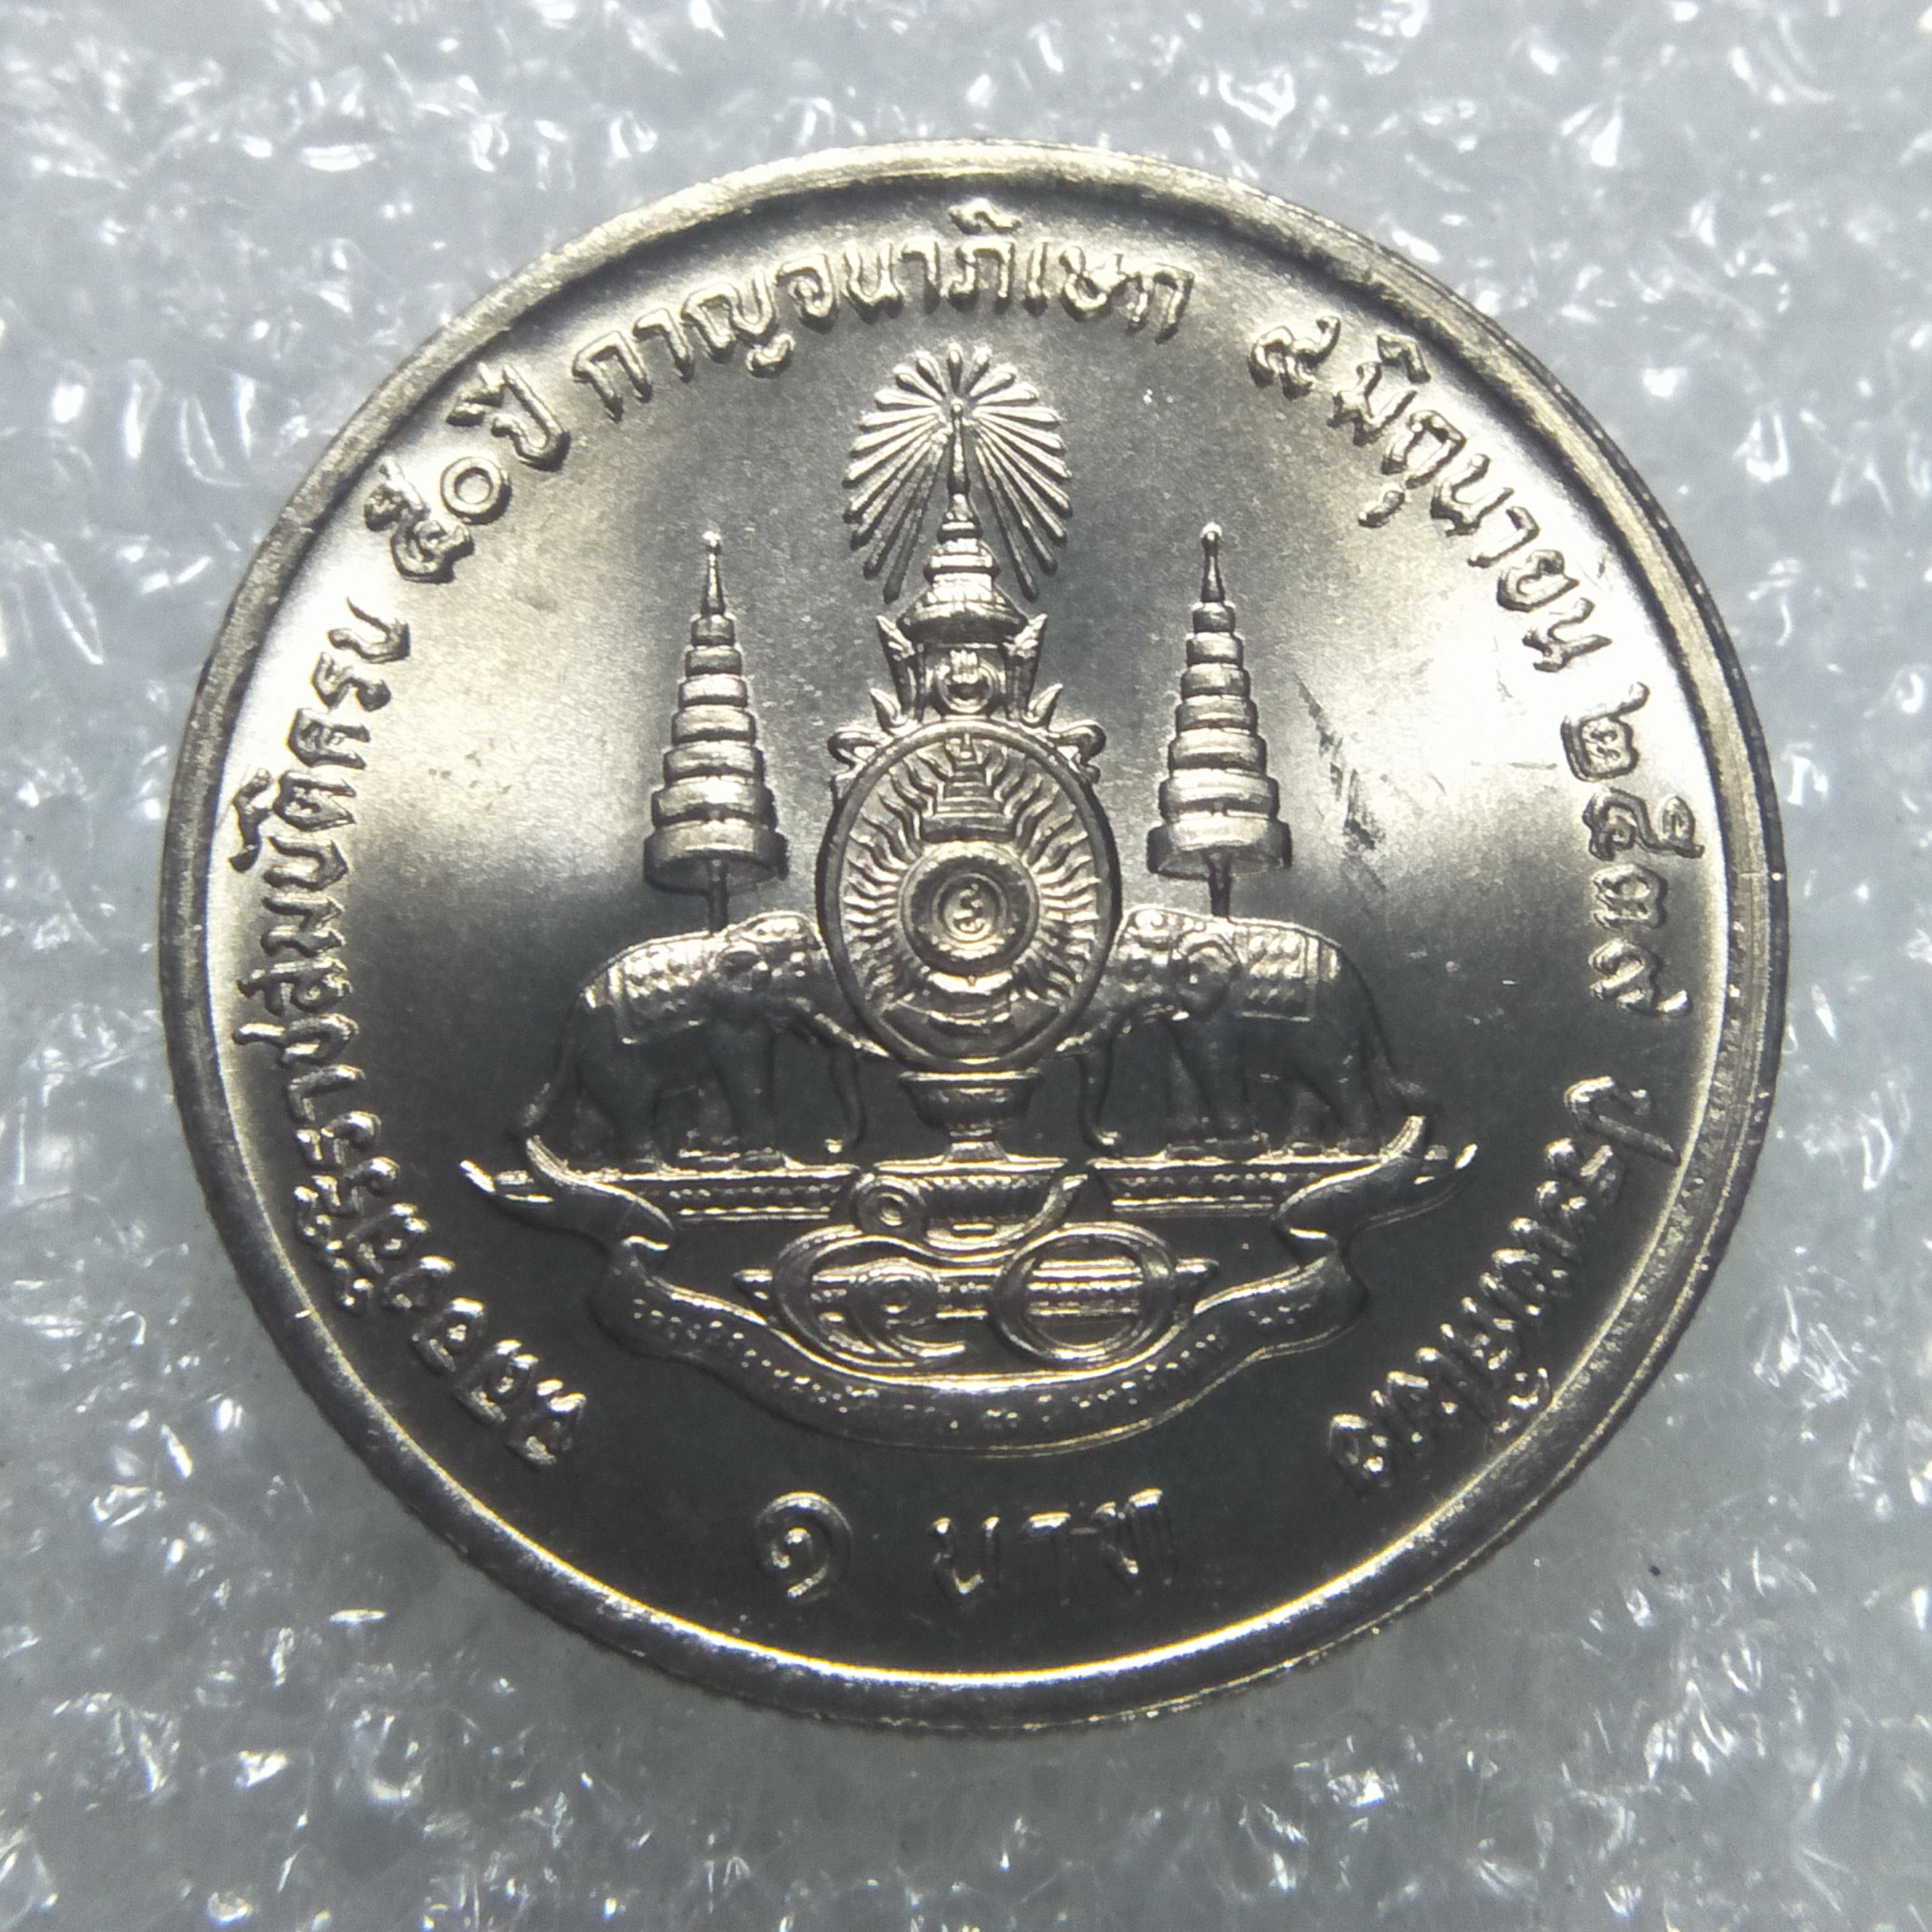 เหรียญ 1 บาท 2539 กาญจนาฯ ไม่ผ่านใช้ UNC